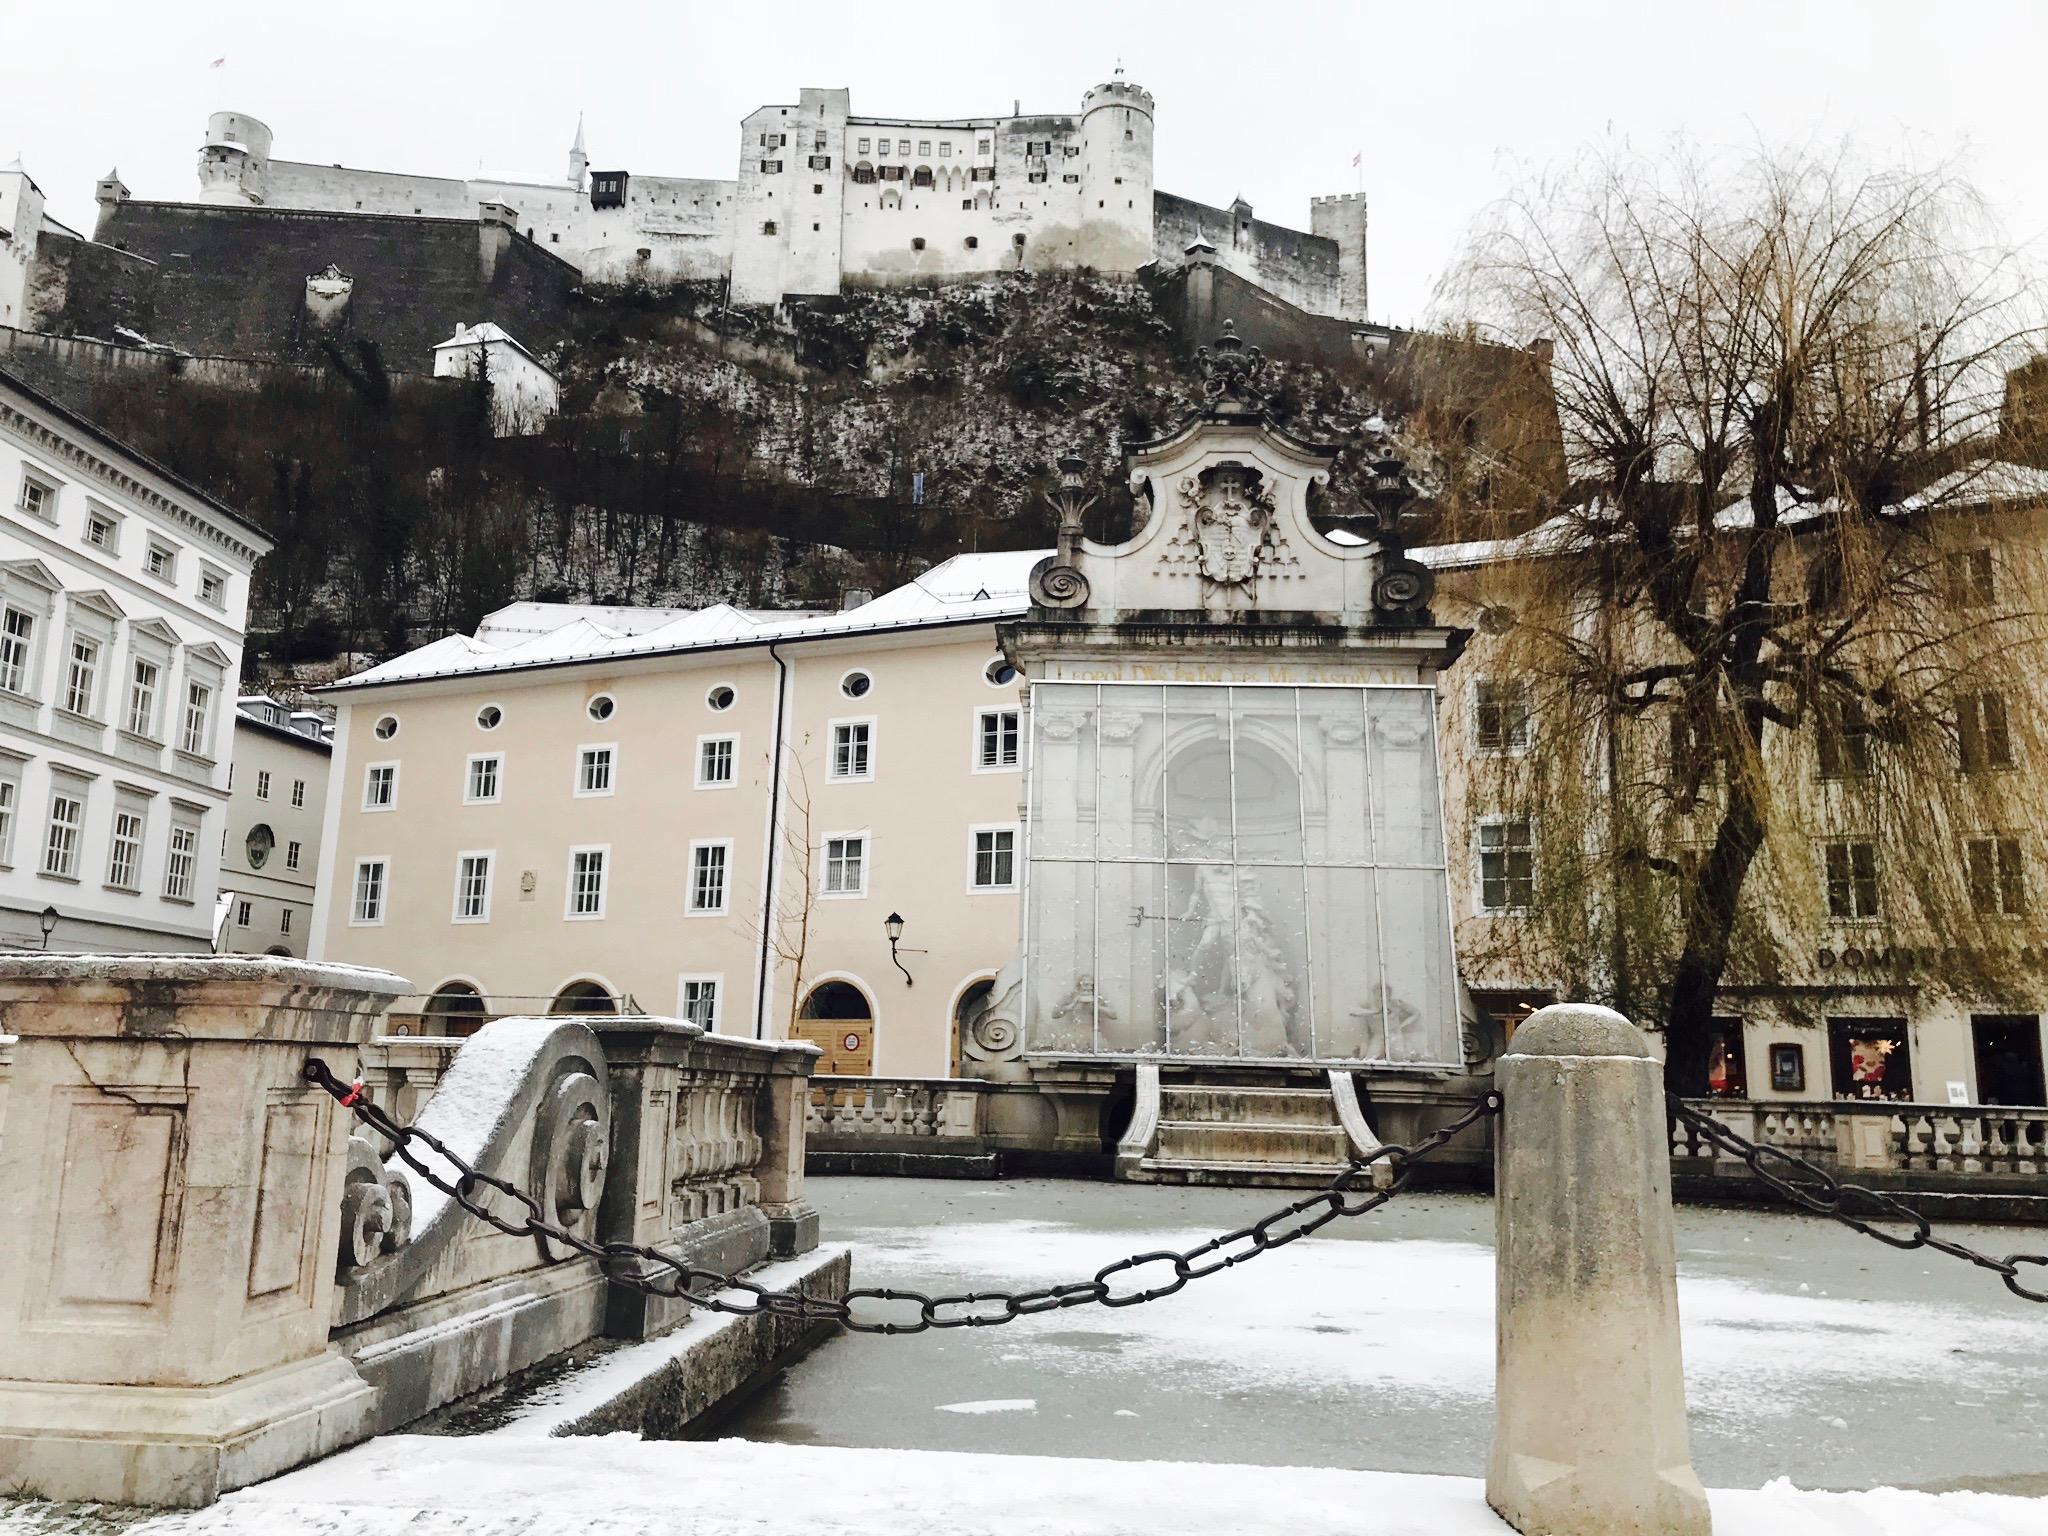 Winterliches Salzburg: Blick vom Kapitelplatz auf die Festung Hohensalzburg